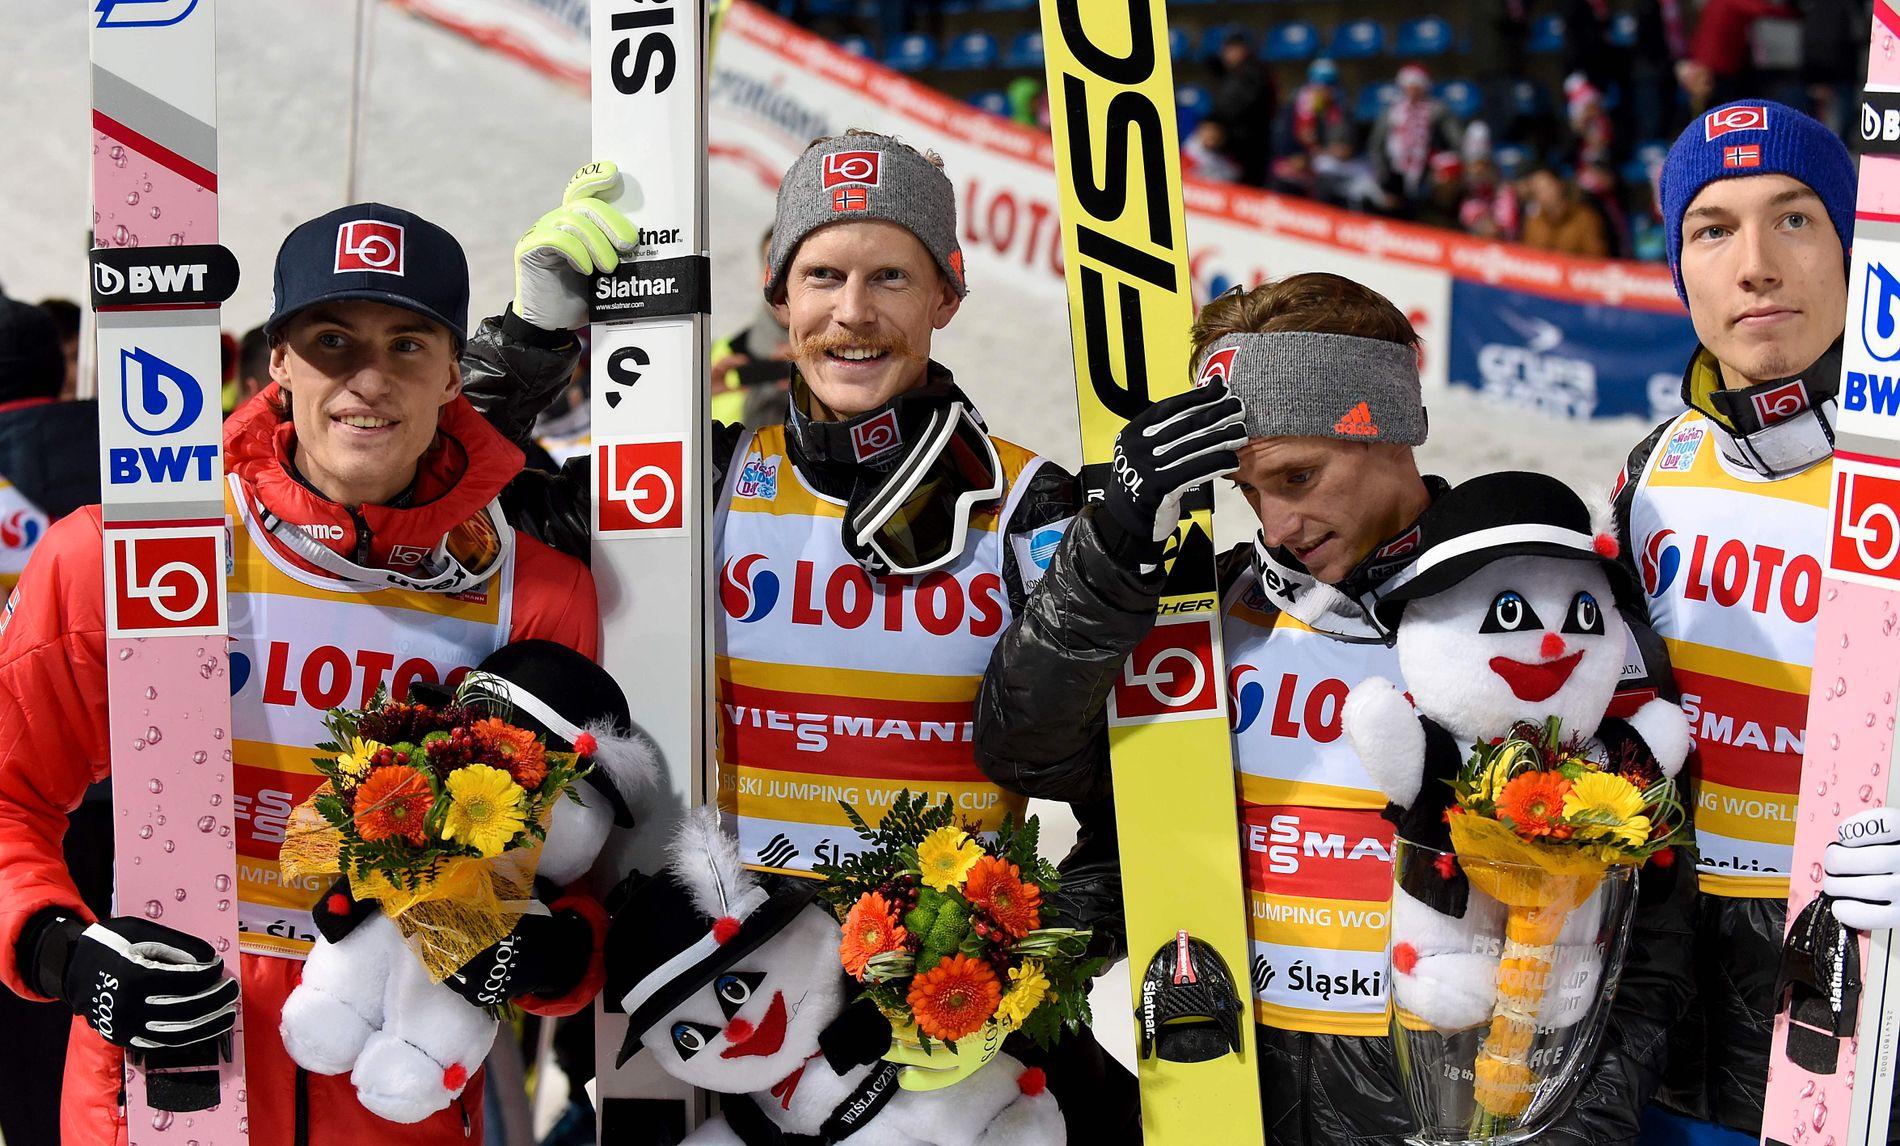 BESTE LAGET: Daniel Andre Tande (f.v.), Robert Johansson, Anders Fannemel and Johann Forfang etter lagseieren i Wisla lørdag. Tande og Forfang hopper nå på de nye BWT-skiene.